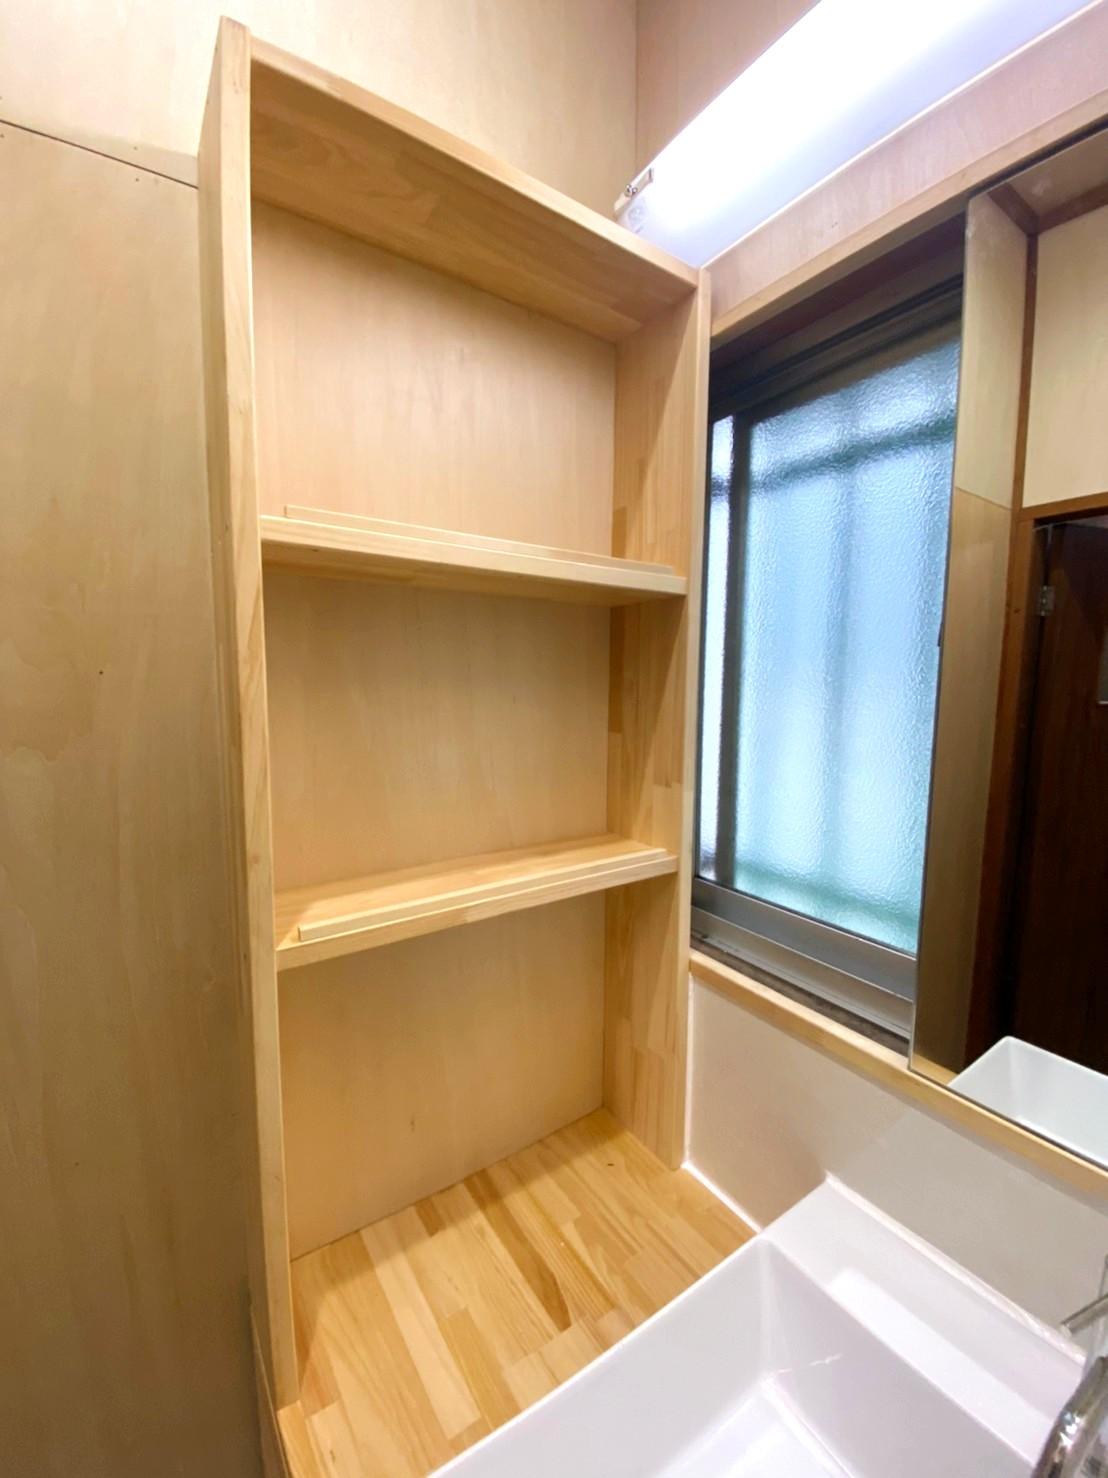 洗面脱衣室ー棚も窓台もカウンターも職人の技できれいな仕上がり